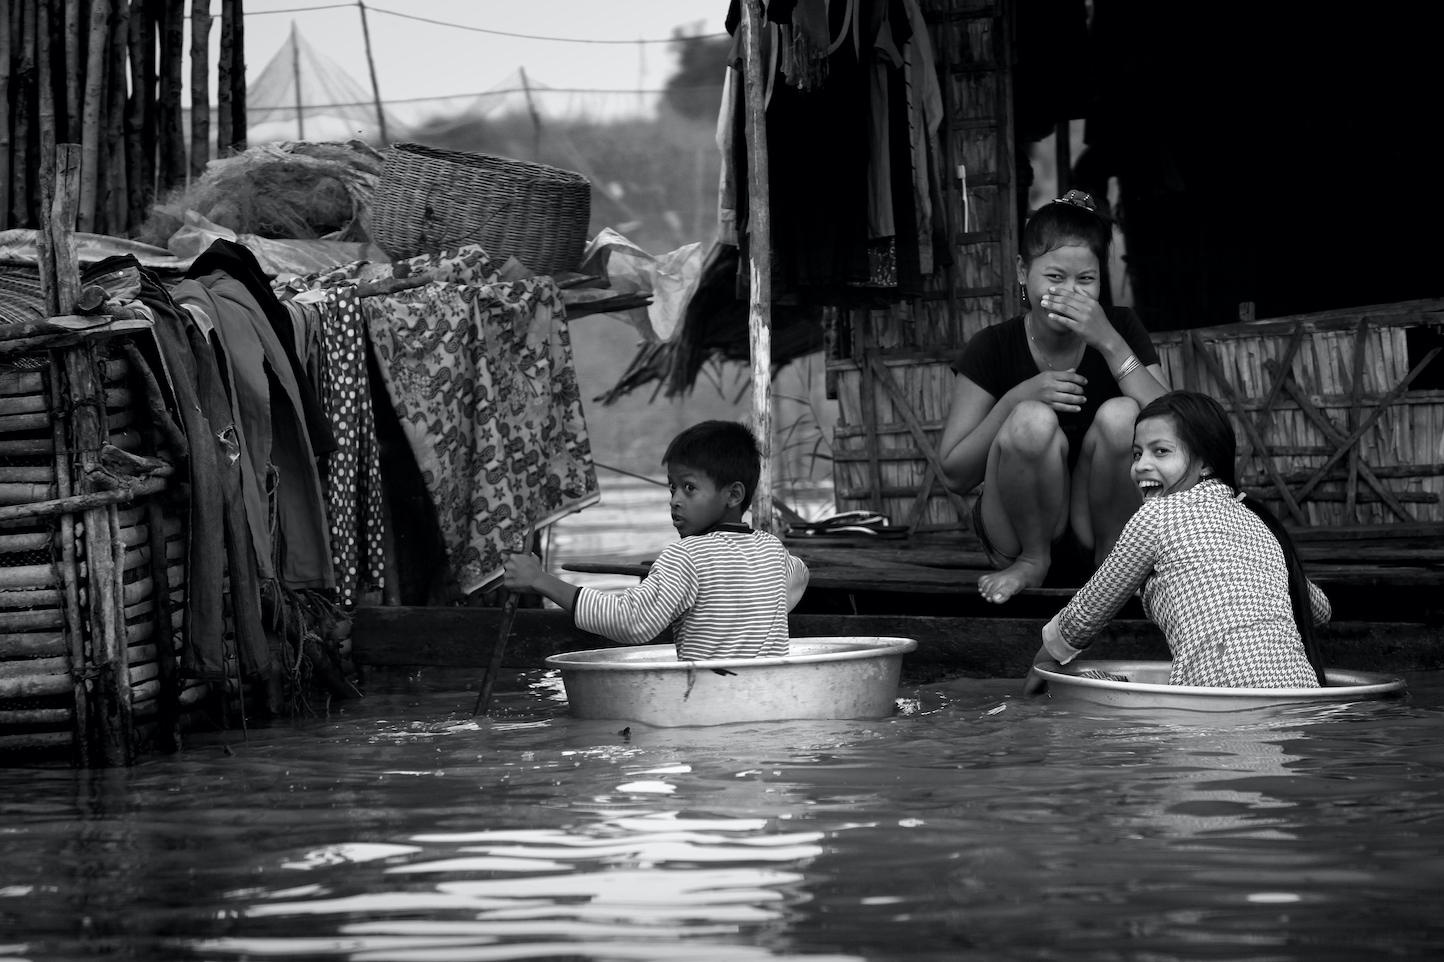 Fotografia   Gonçalo Lobo Pinheiro lança novo livro sobre lago Tonle Sap no Cambodja